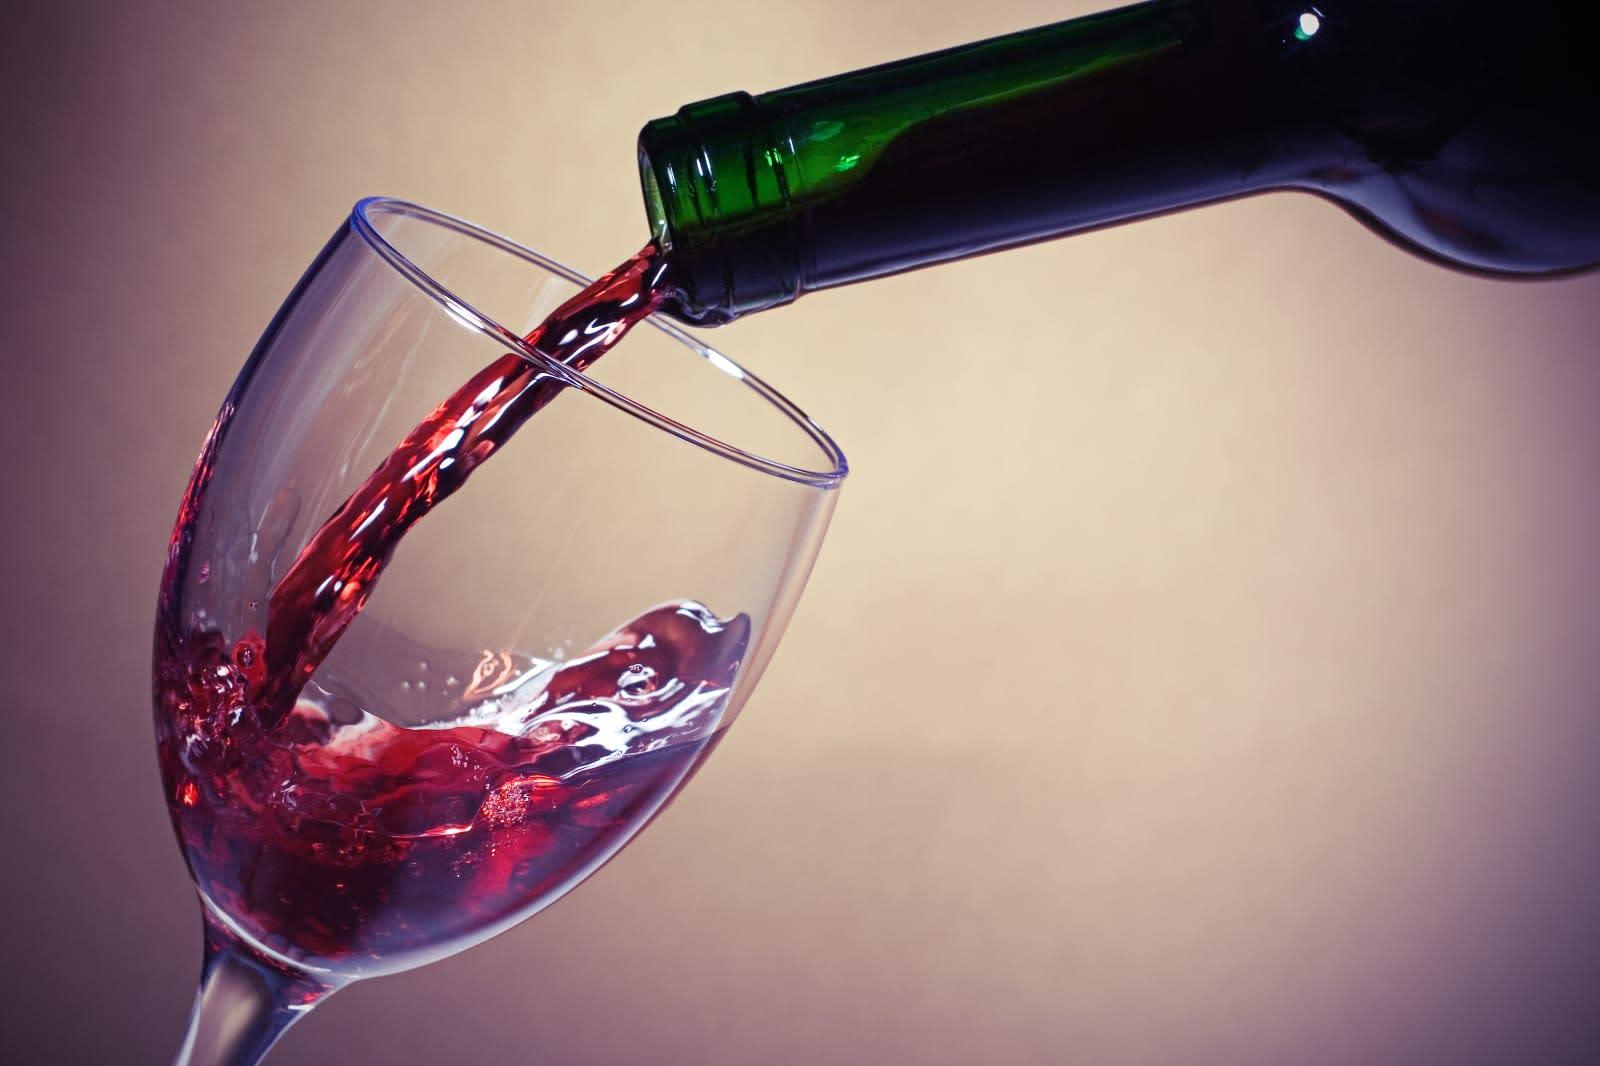 Google Shopping's 'gun' ban blocked people from buying wine